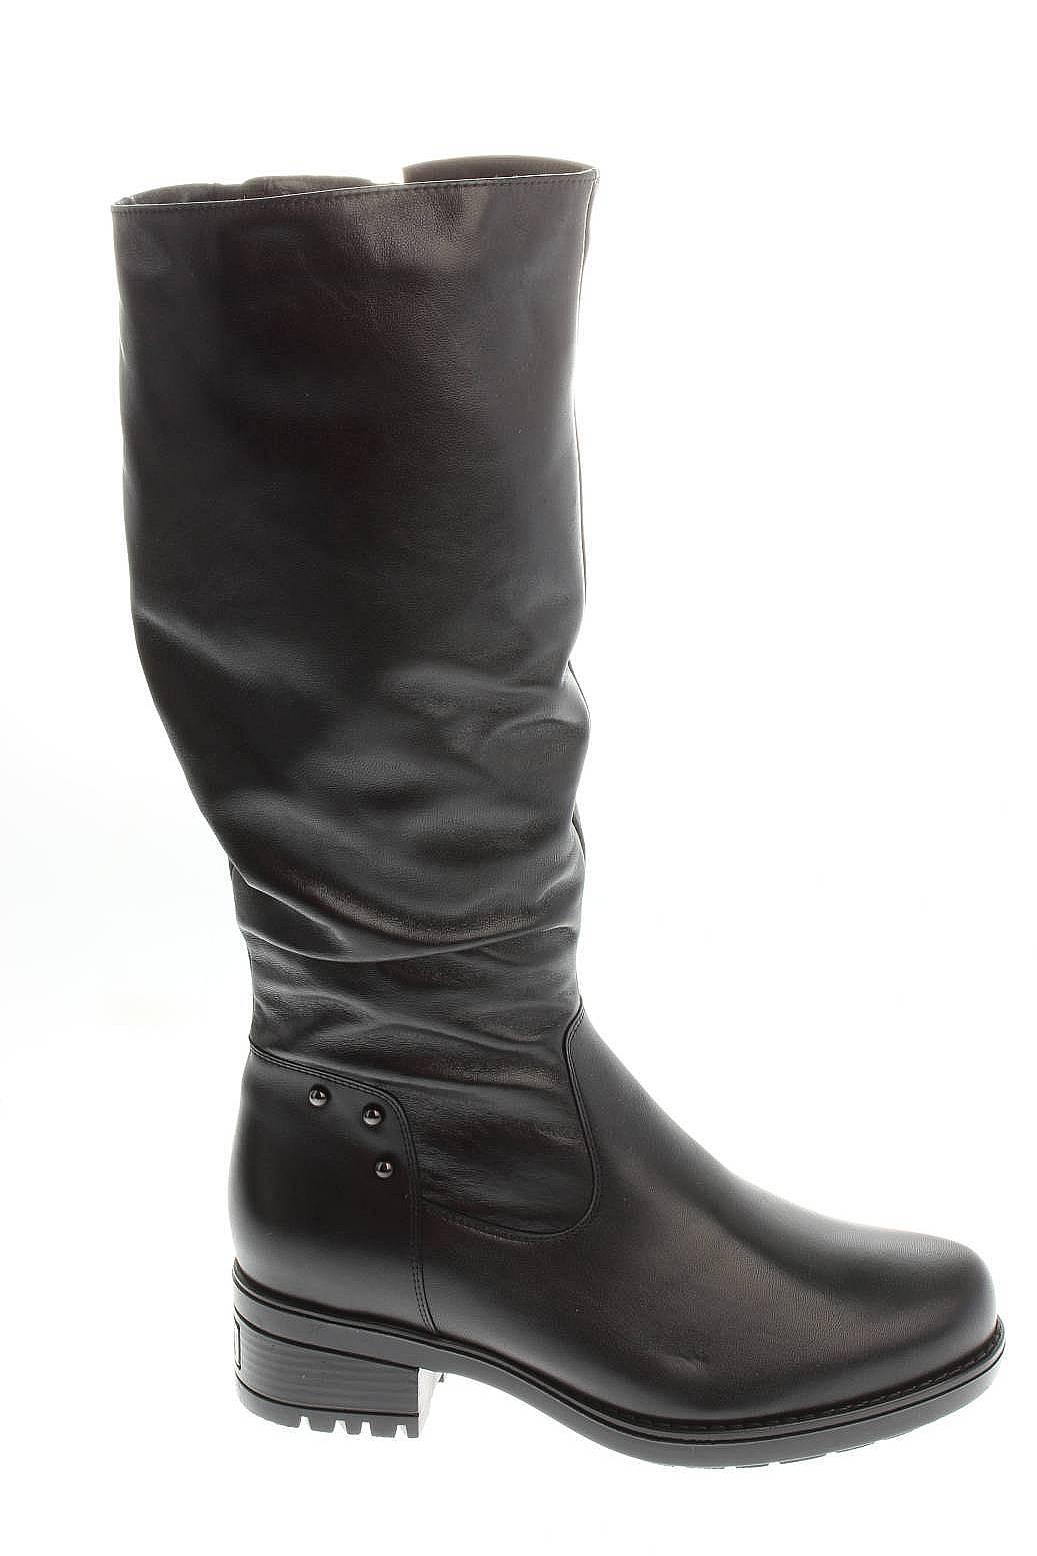 d7bf0010f Сапоги Janita черные 45829-0501 купить в Санкт-Петербурге за 12250 ...